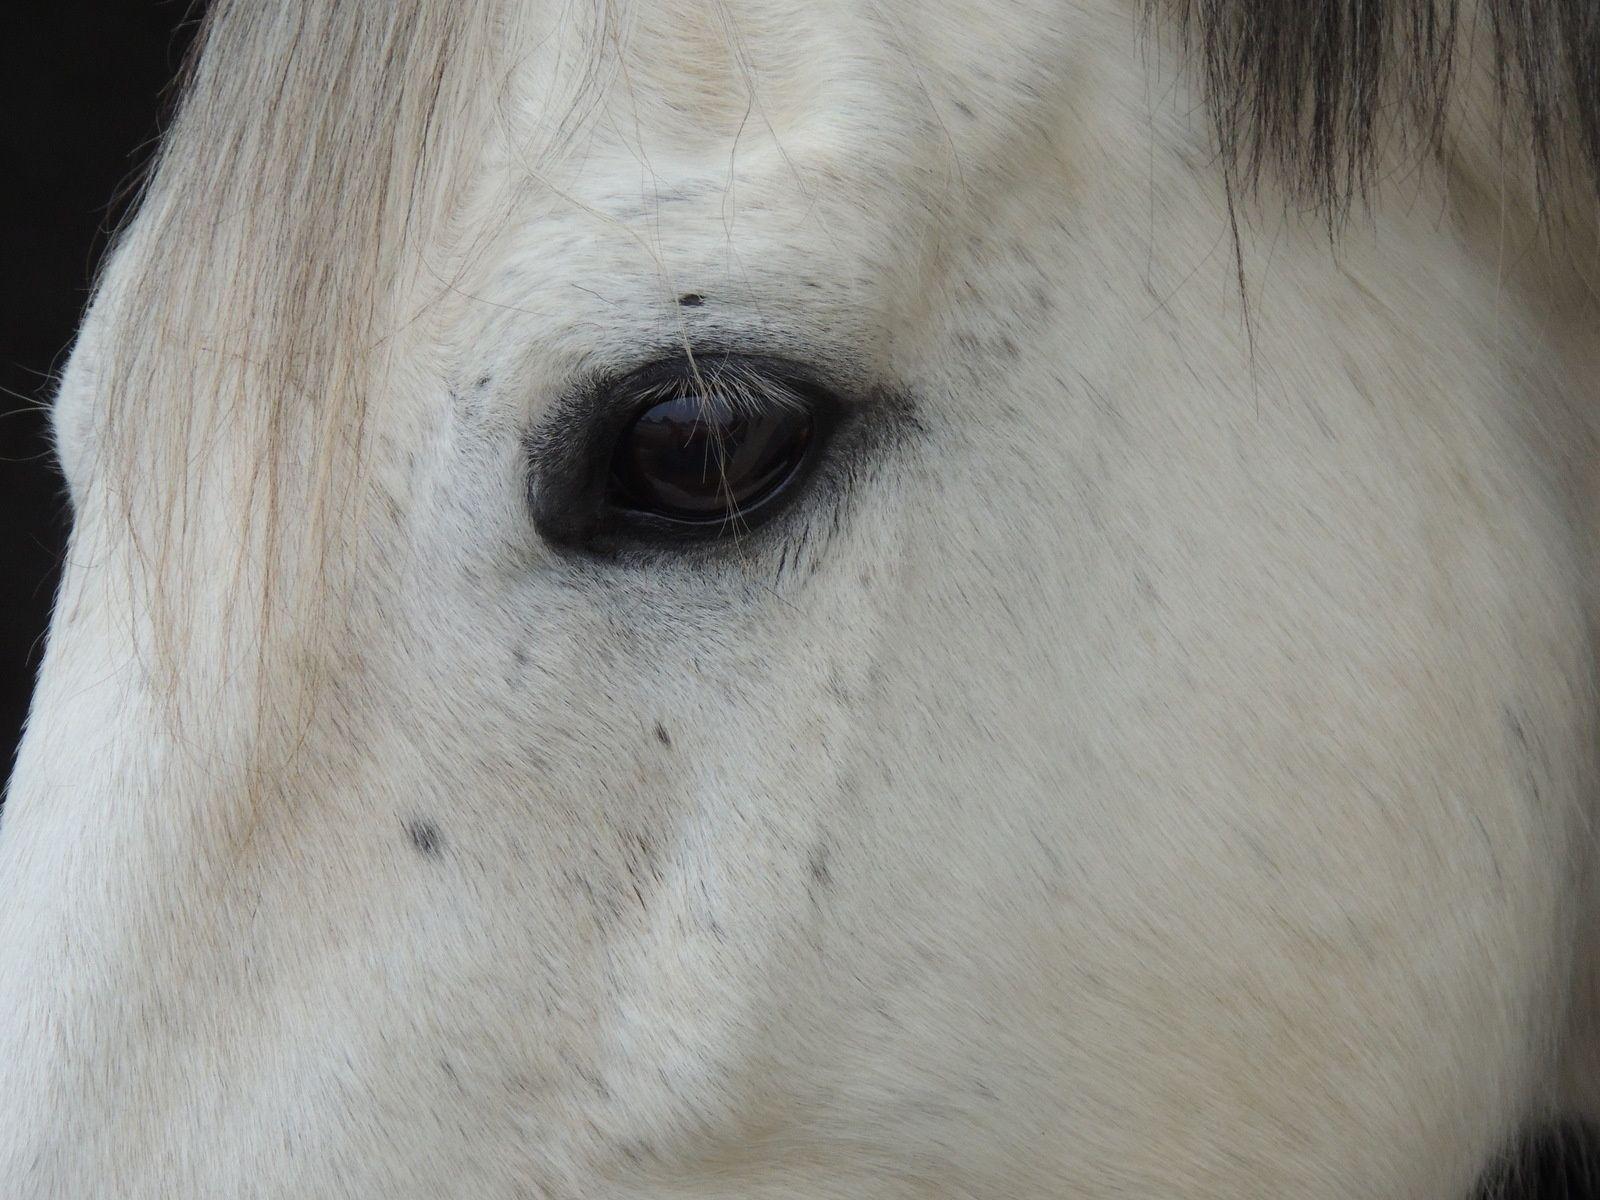 oeil d'un cheval. Techniques d'élevage. Nantes. Image soumise à droits d'auteur